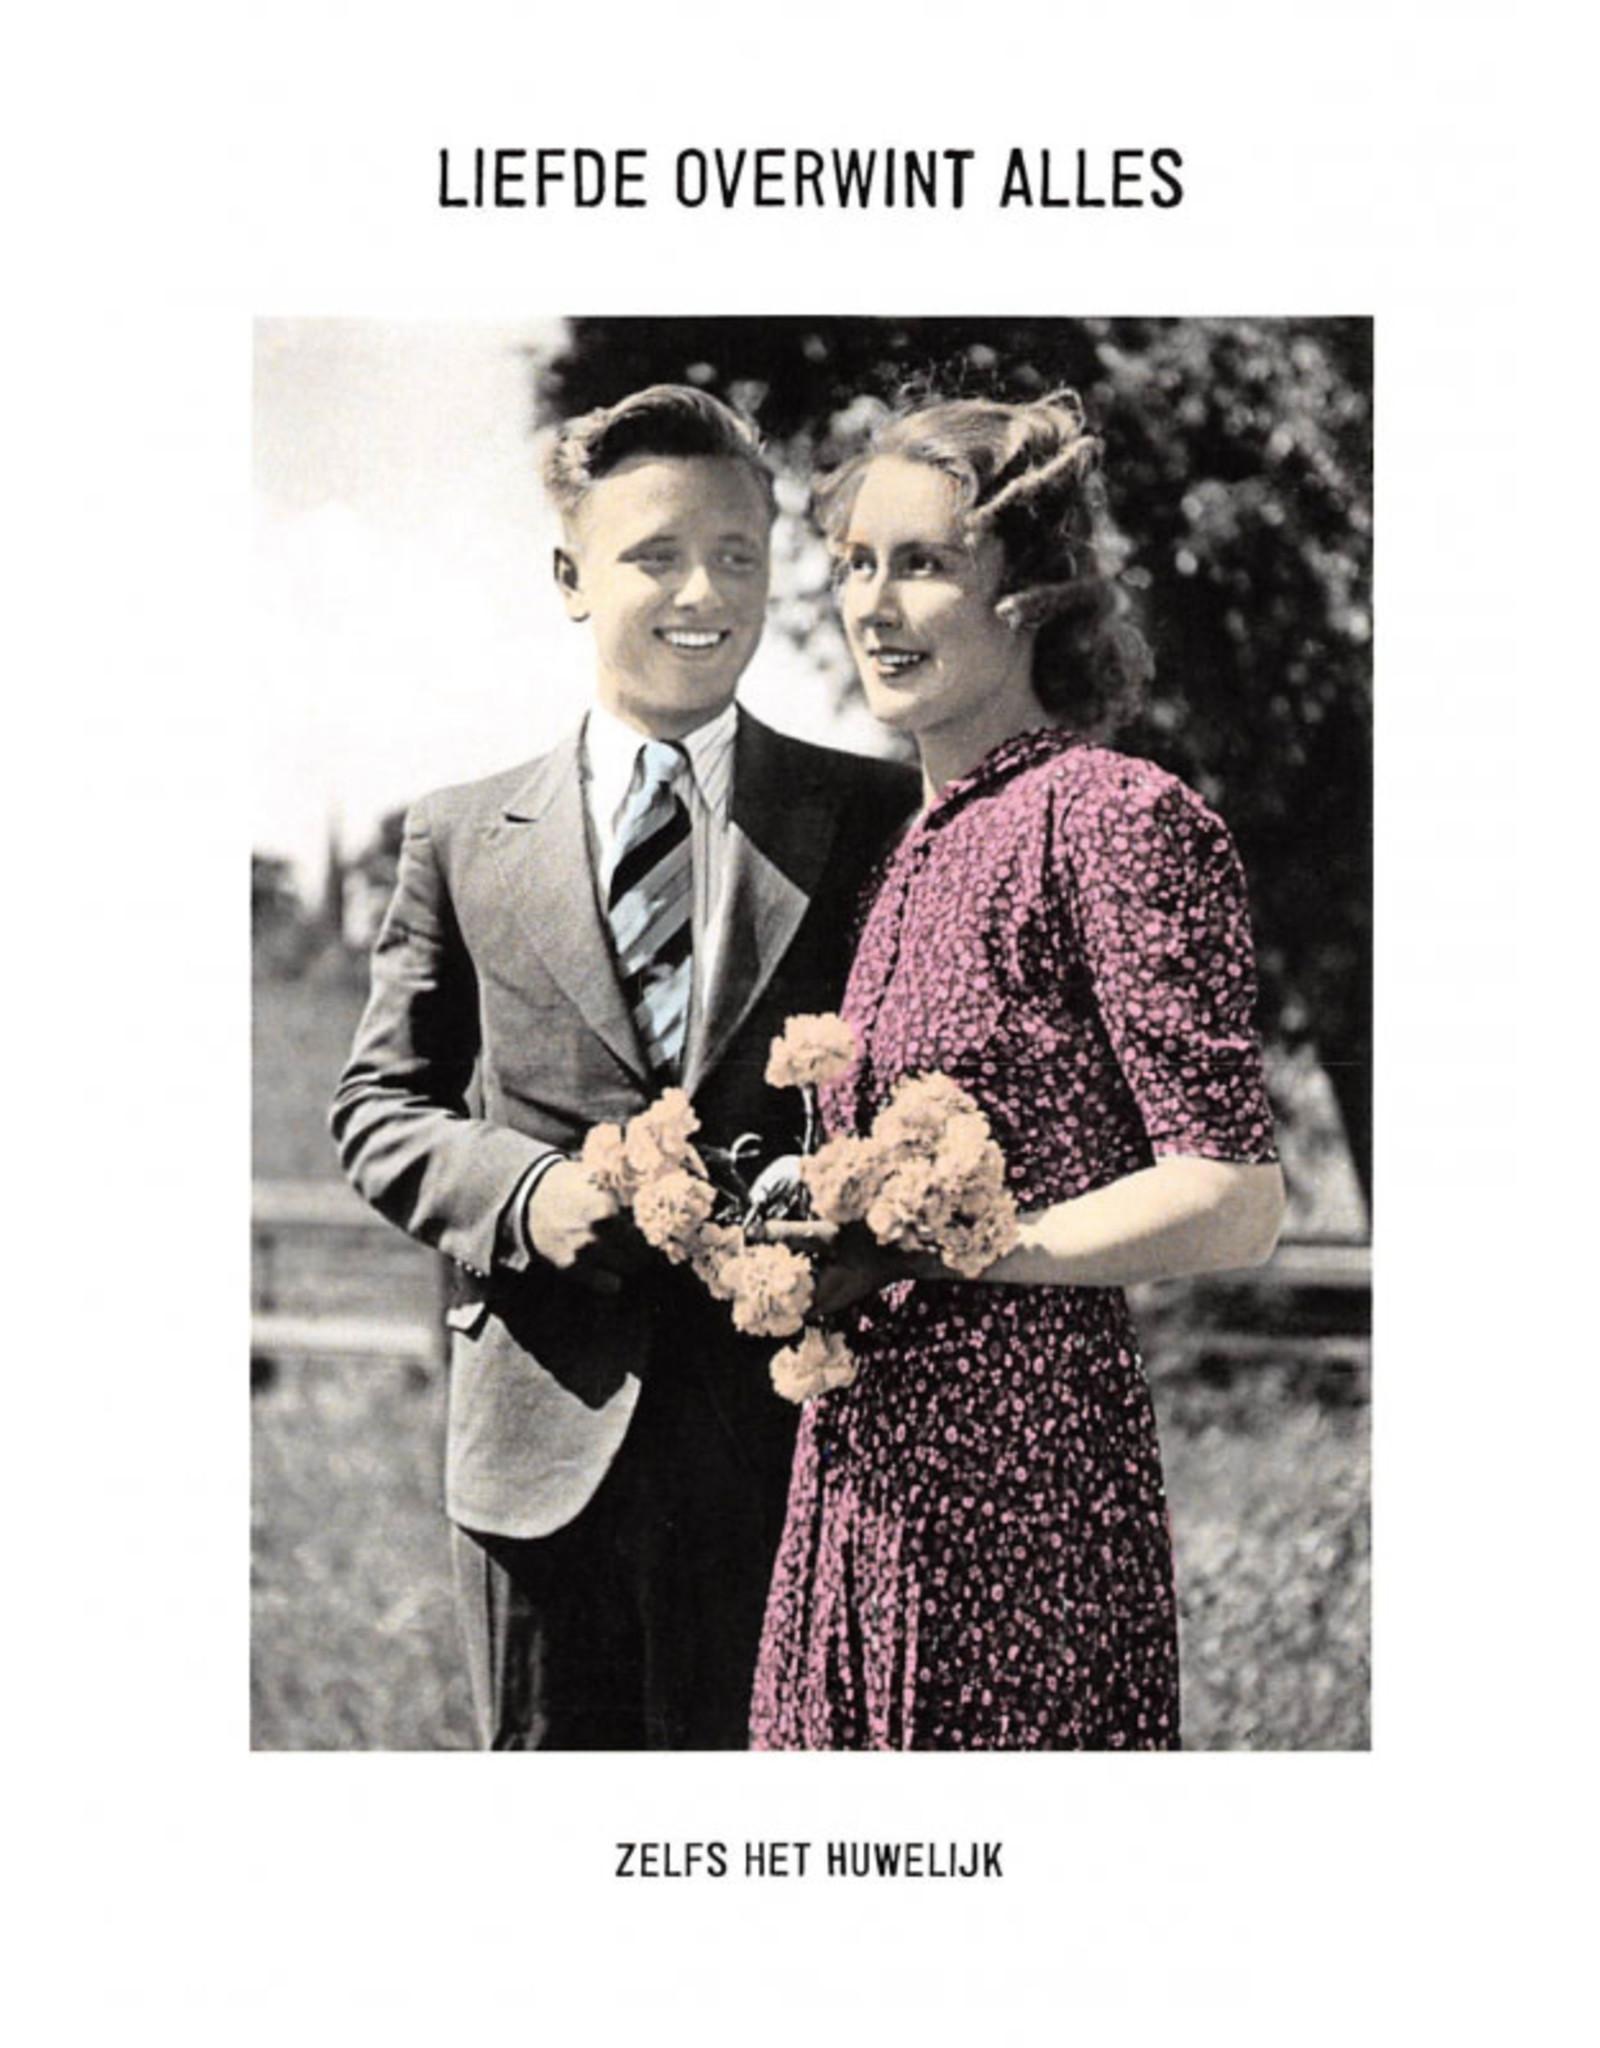 Kartoenfabriek Kartoenfabriek kaart a6 Liefde overwint alles zelfs het huwelijk